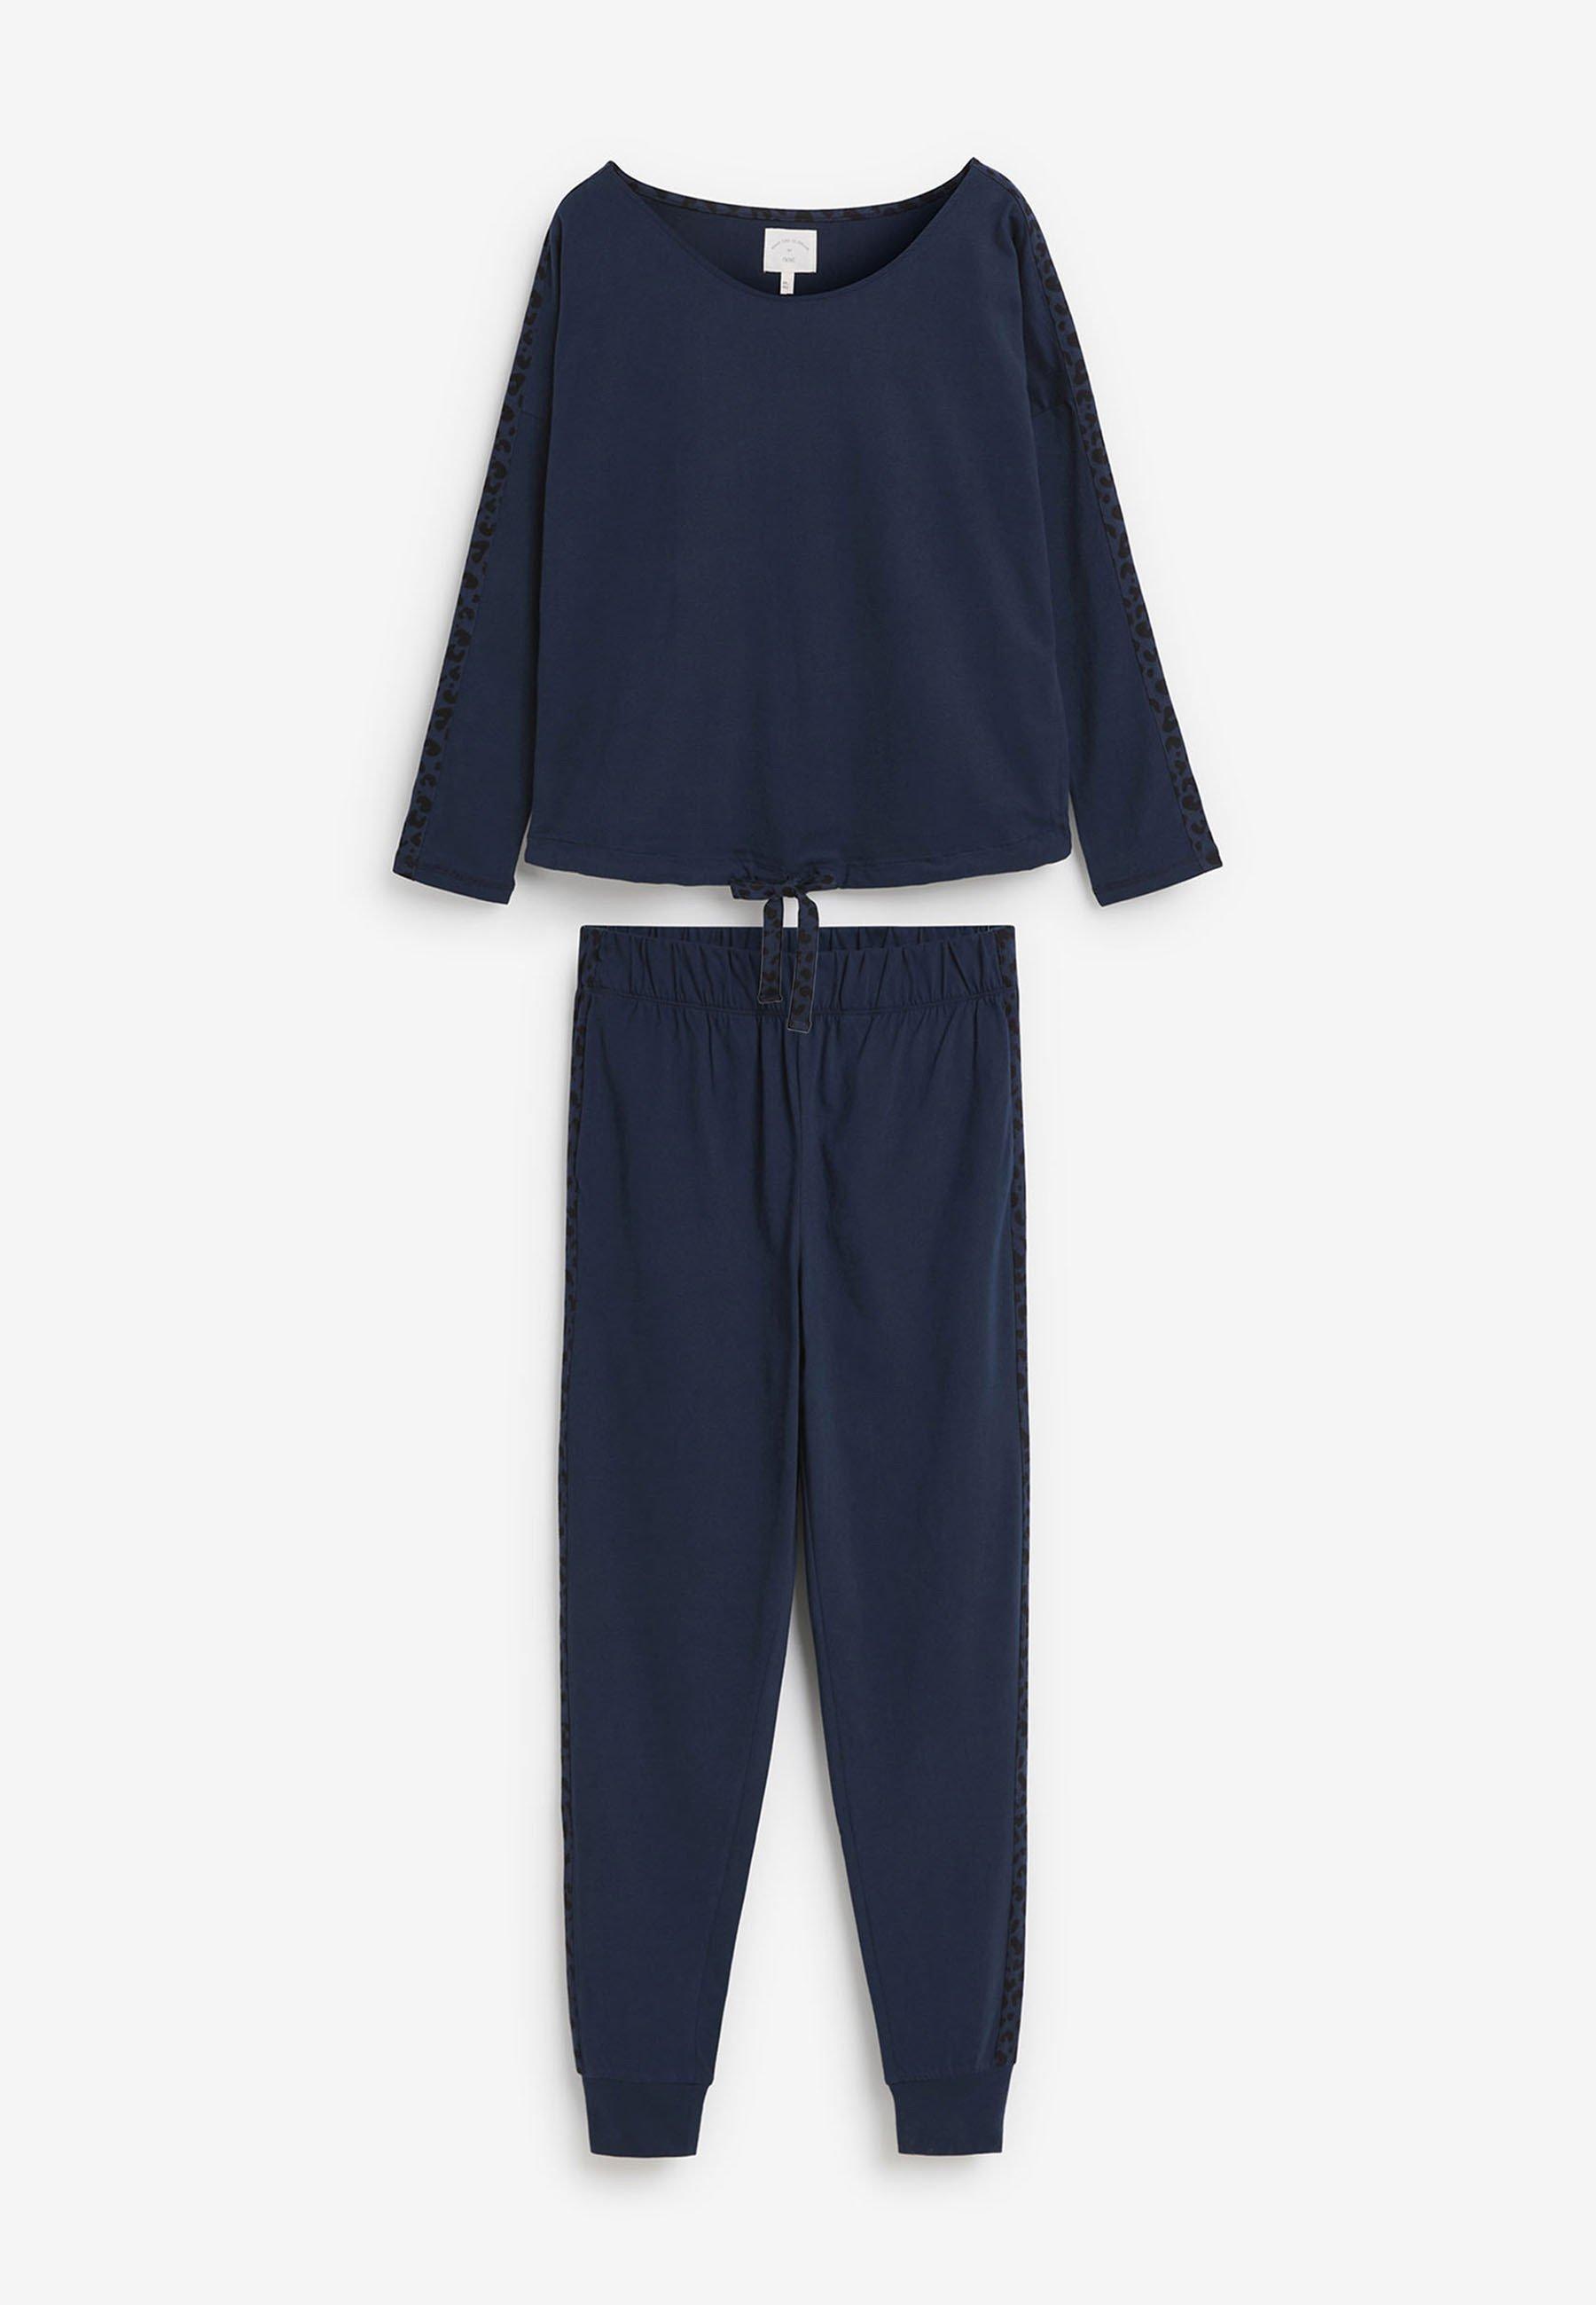 Damen SET - Nachtwäsche Hose